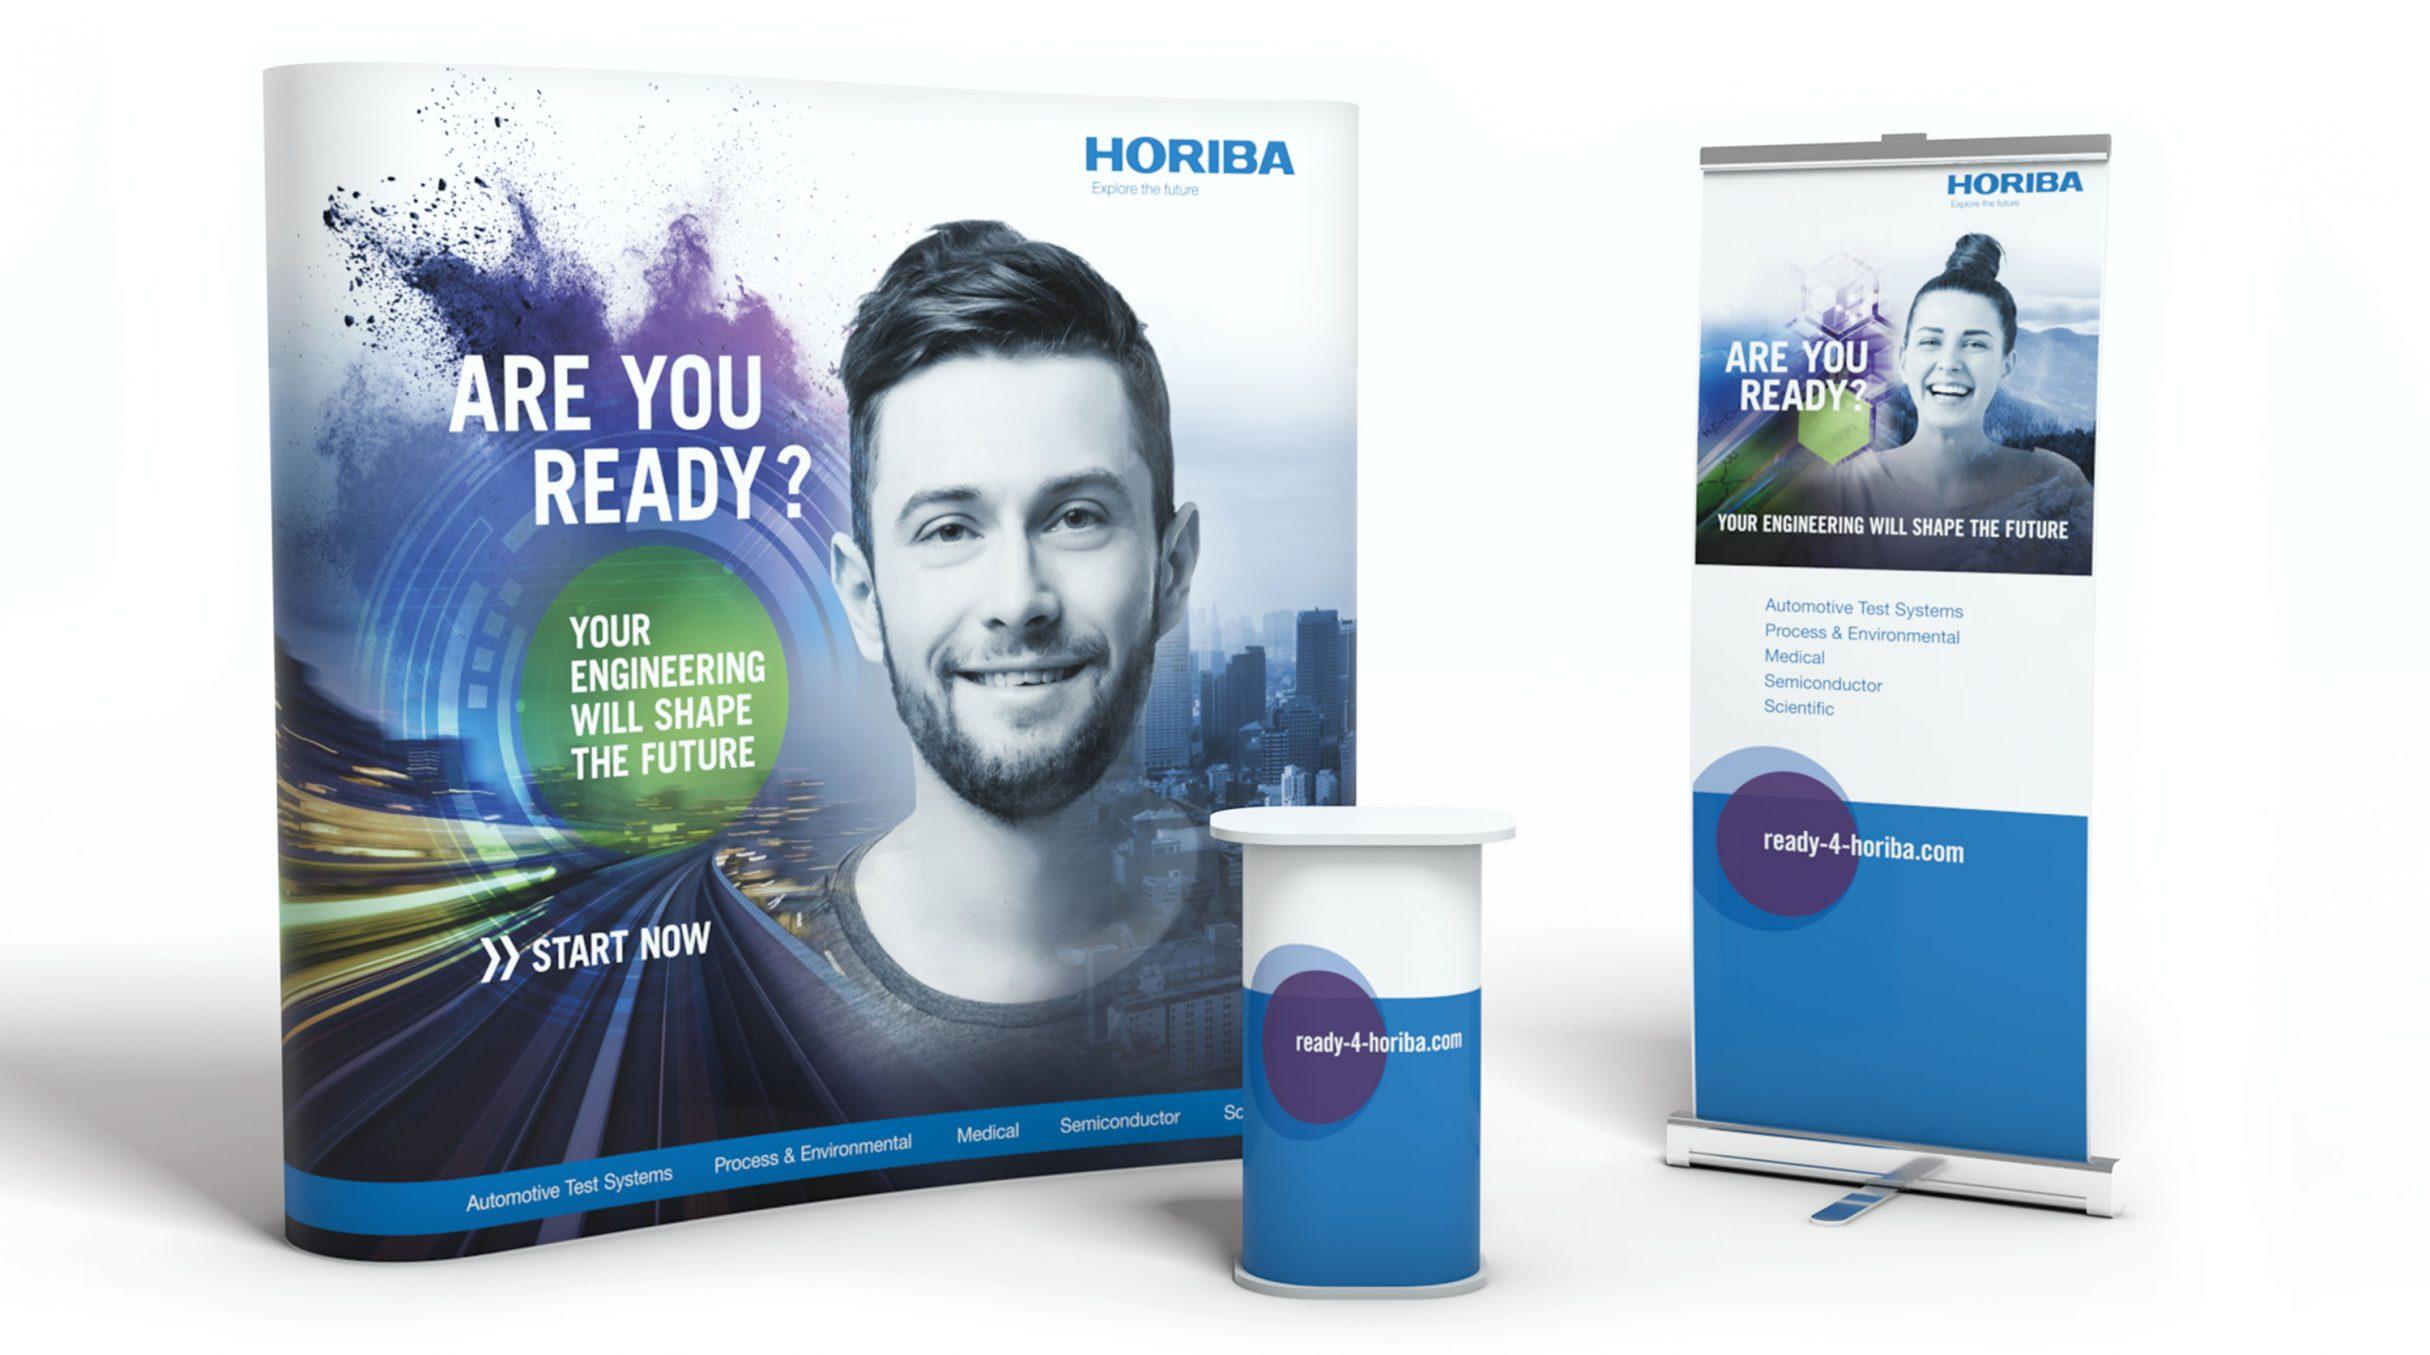 Recruiting Kampagne, Messedesign für HORIBA: DIE NEUDENKER® Agentur, Darmstadt